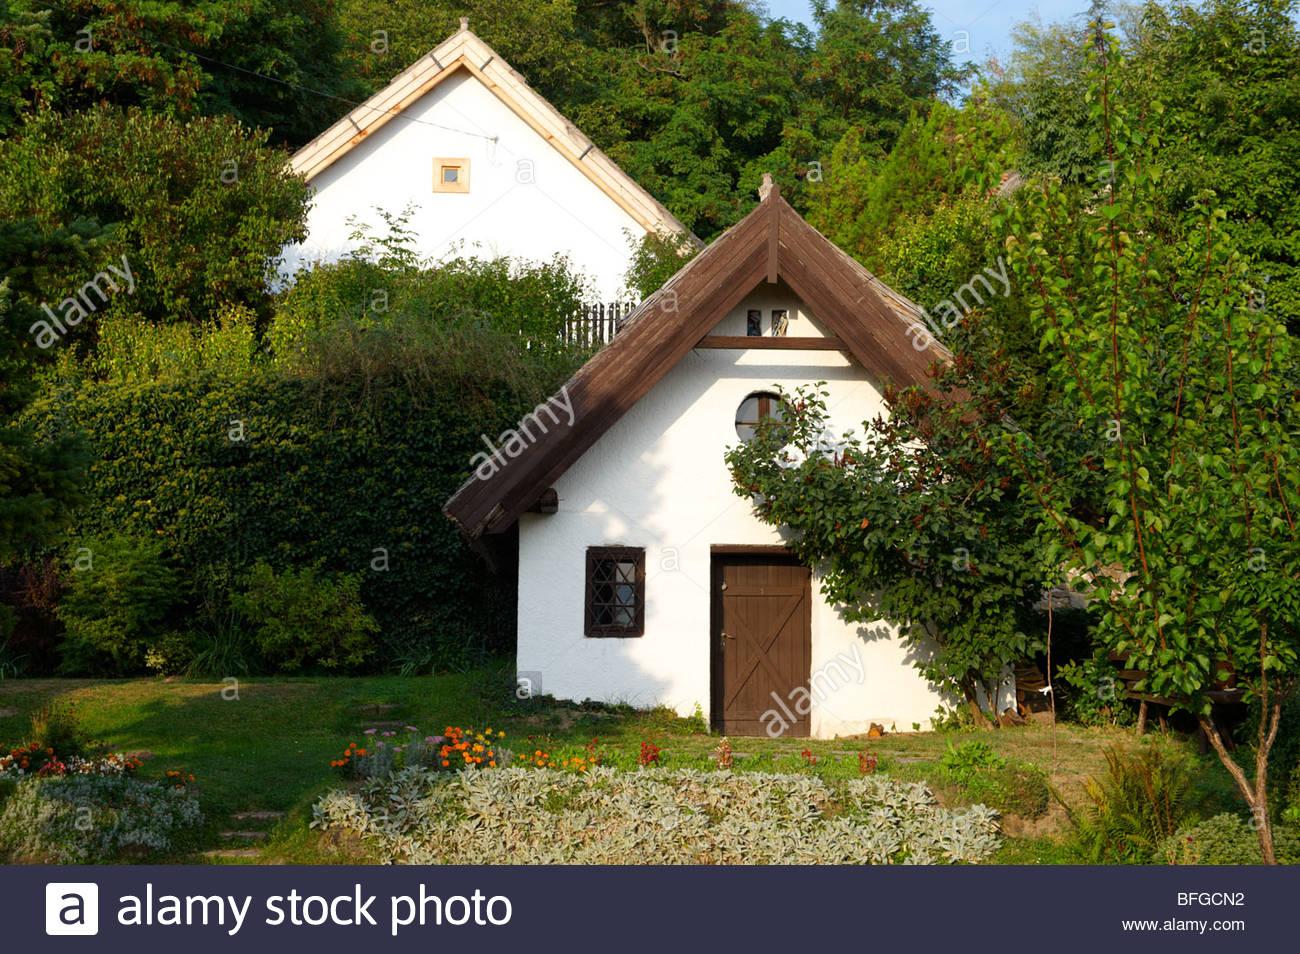 Casas de paja tradicionales - Szigiglet, Balaton, Hungría Imagen De Stock